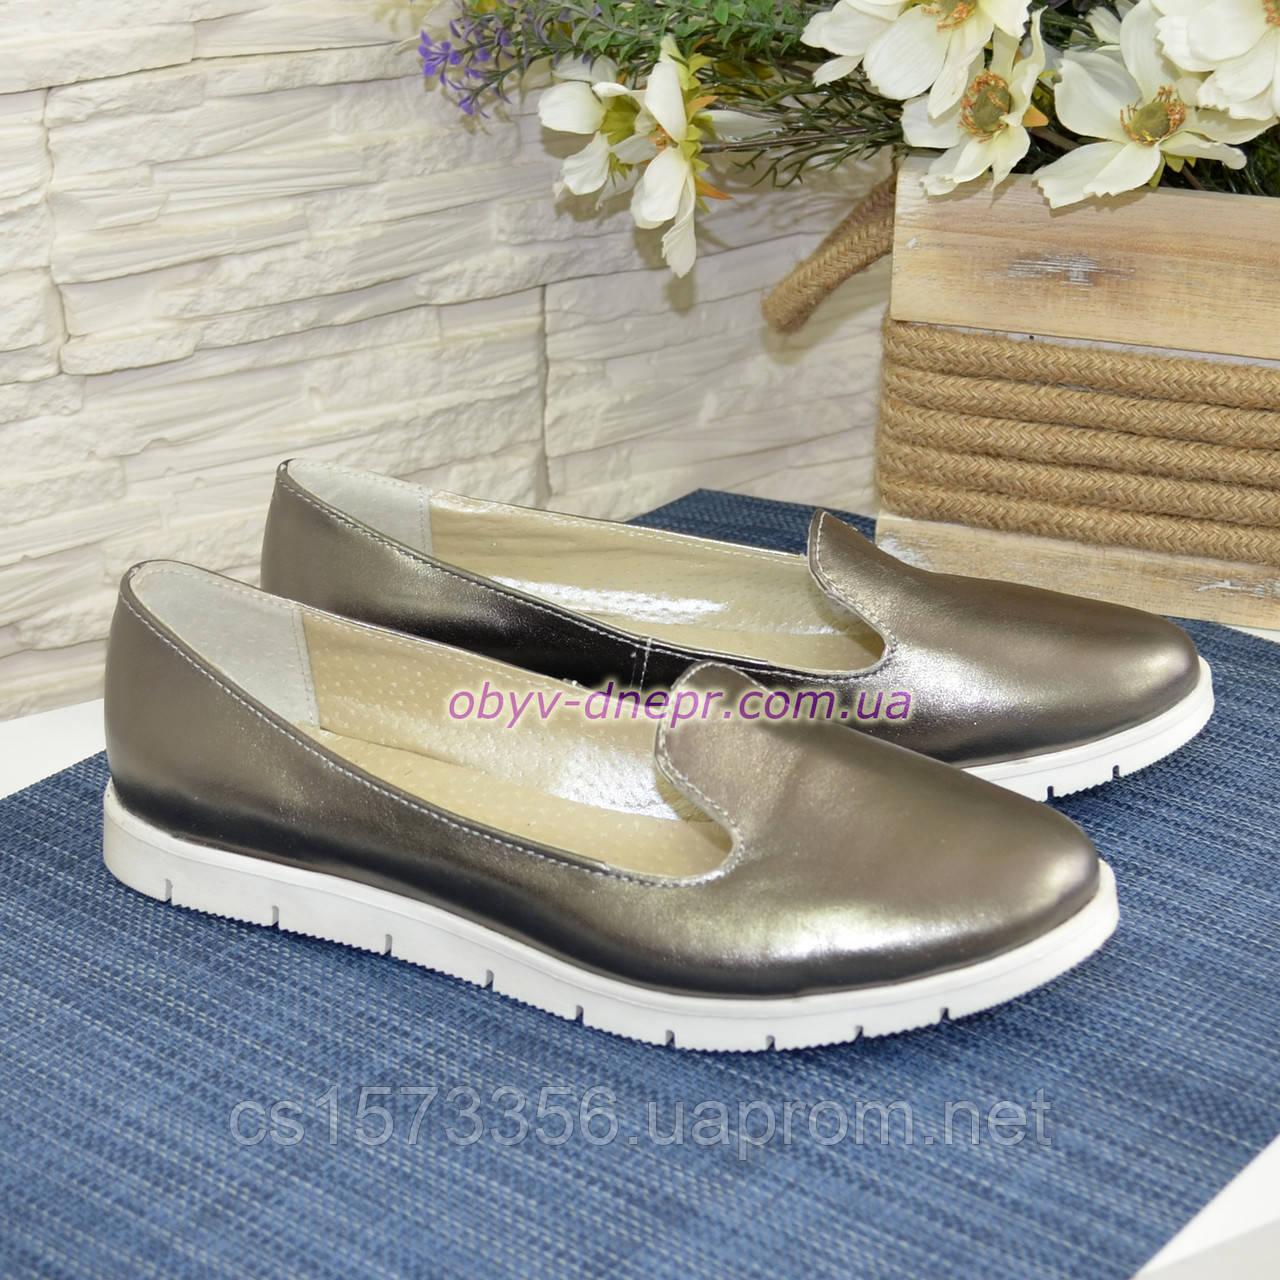 Туфли кожаные на низком ходу, цвет никель